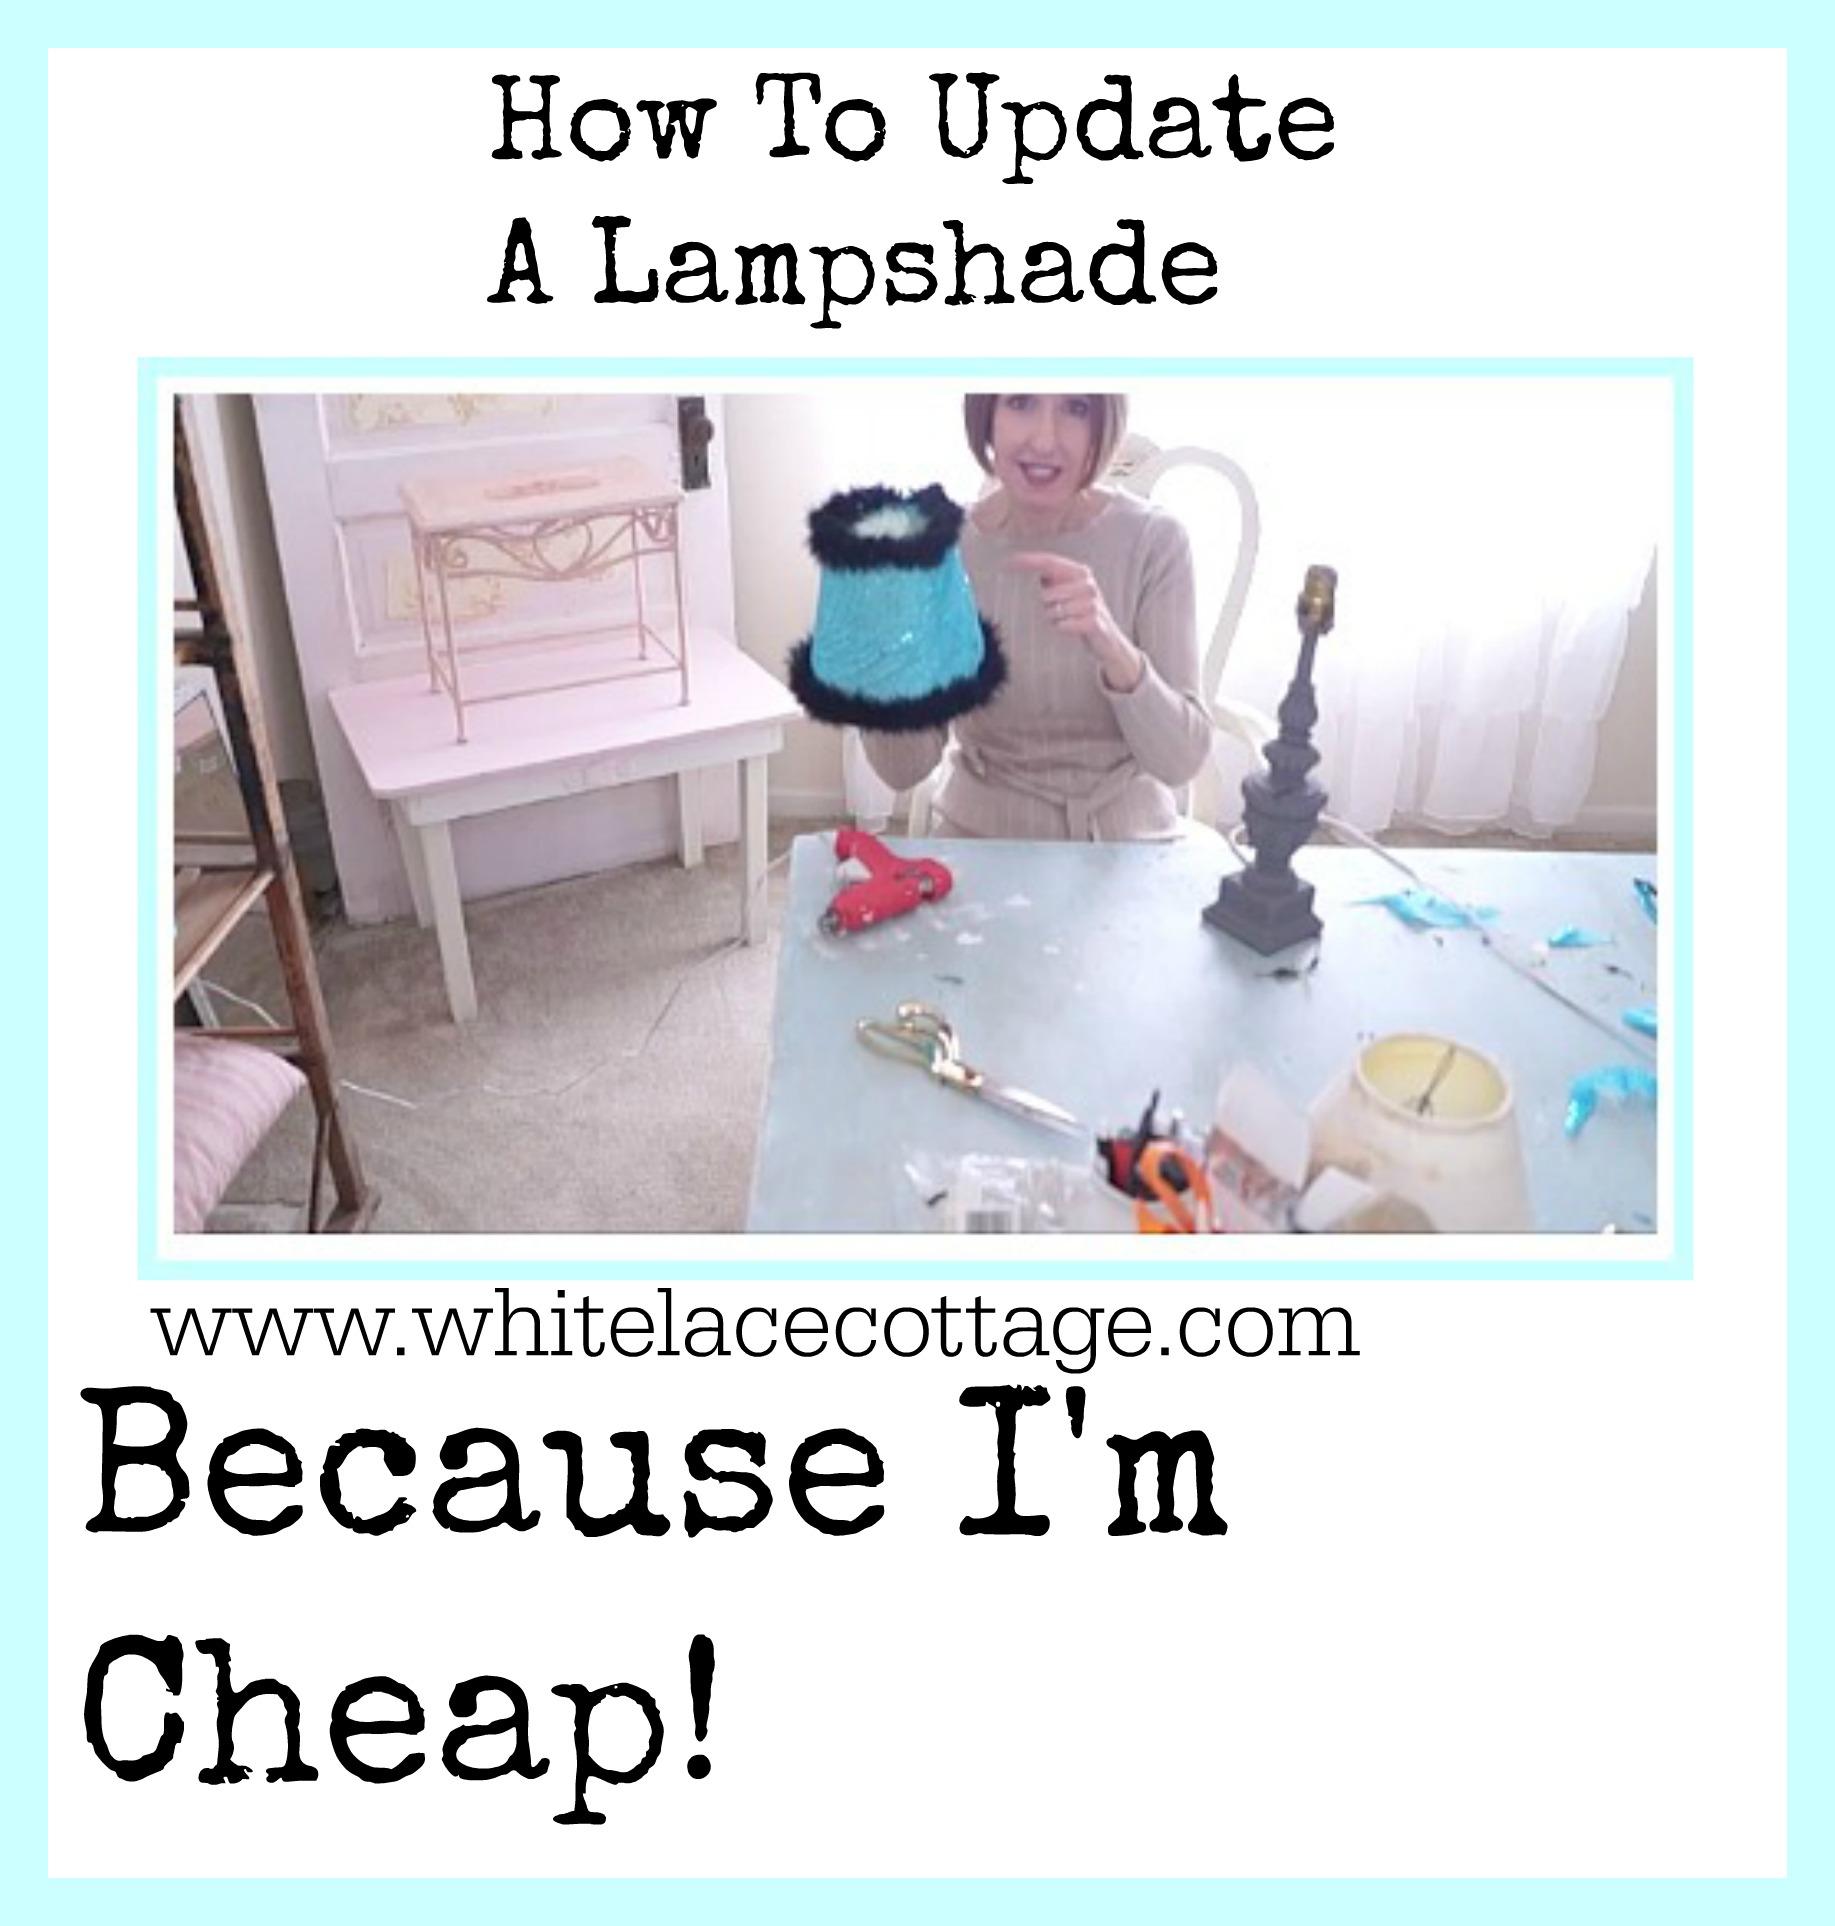 how tu update a lampshade